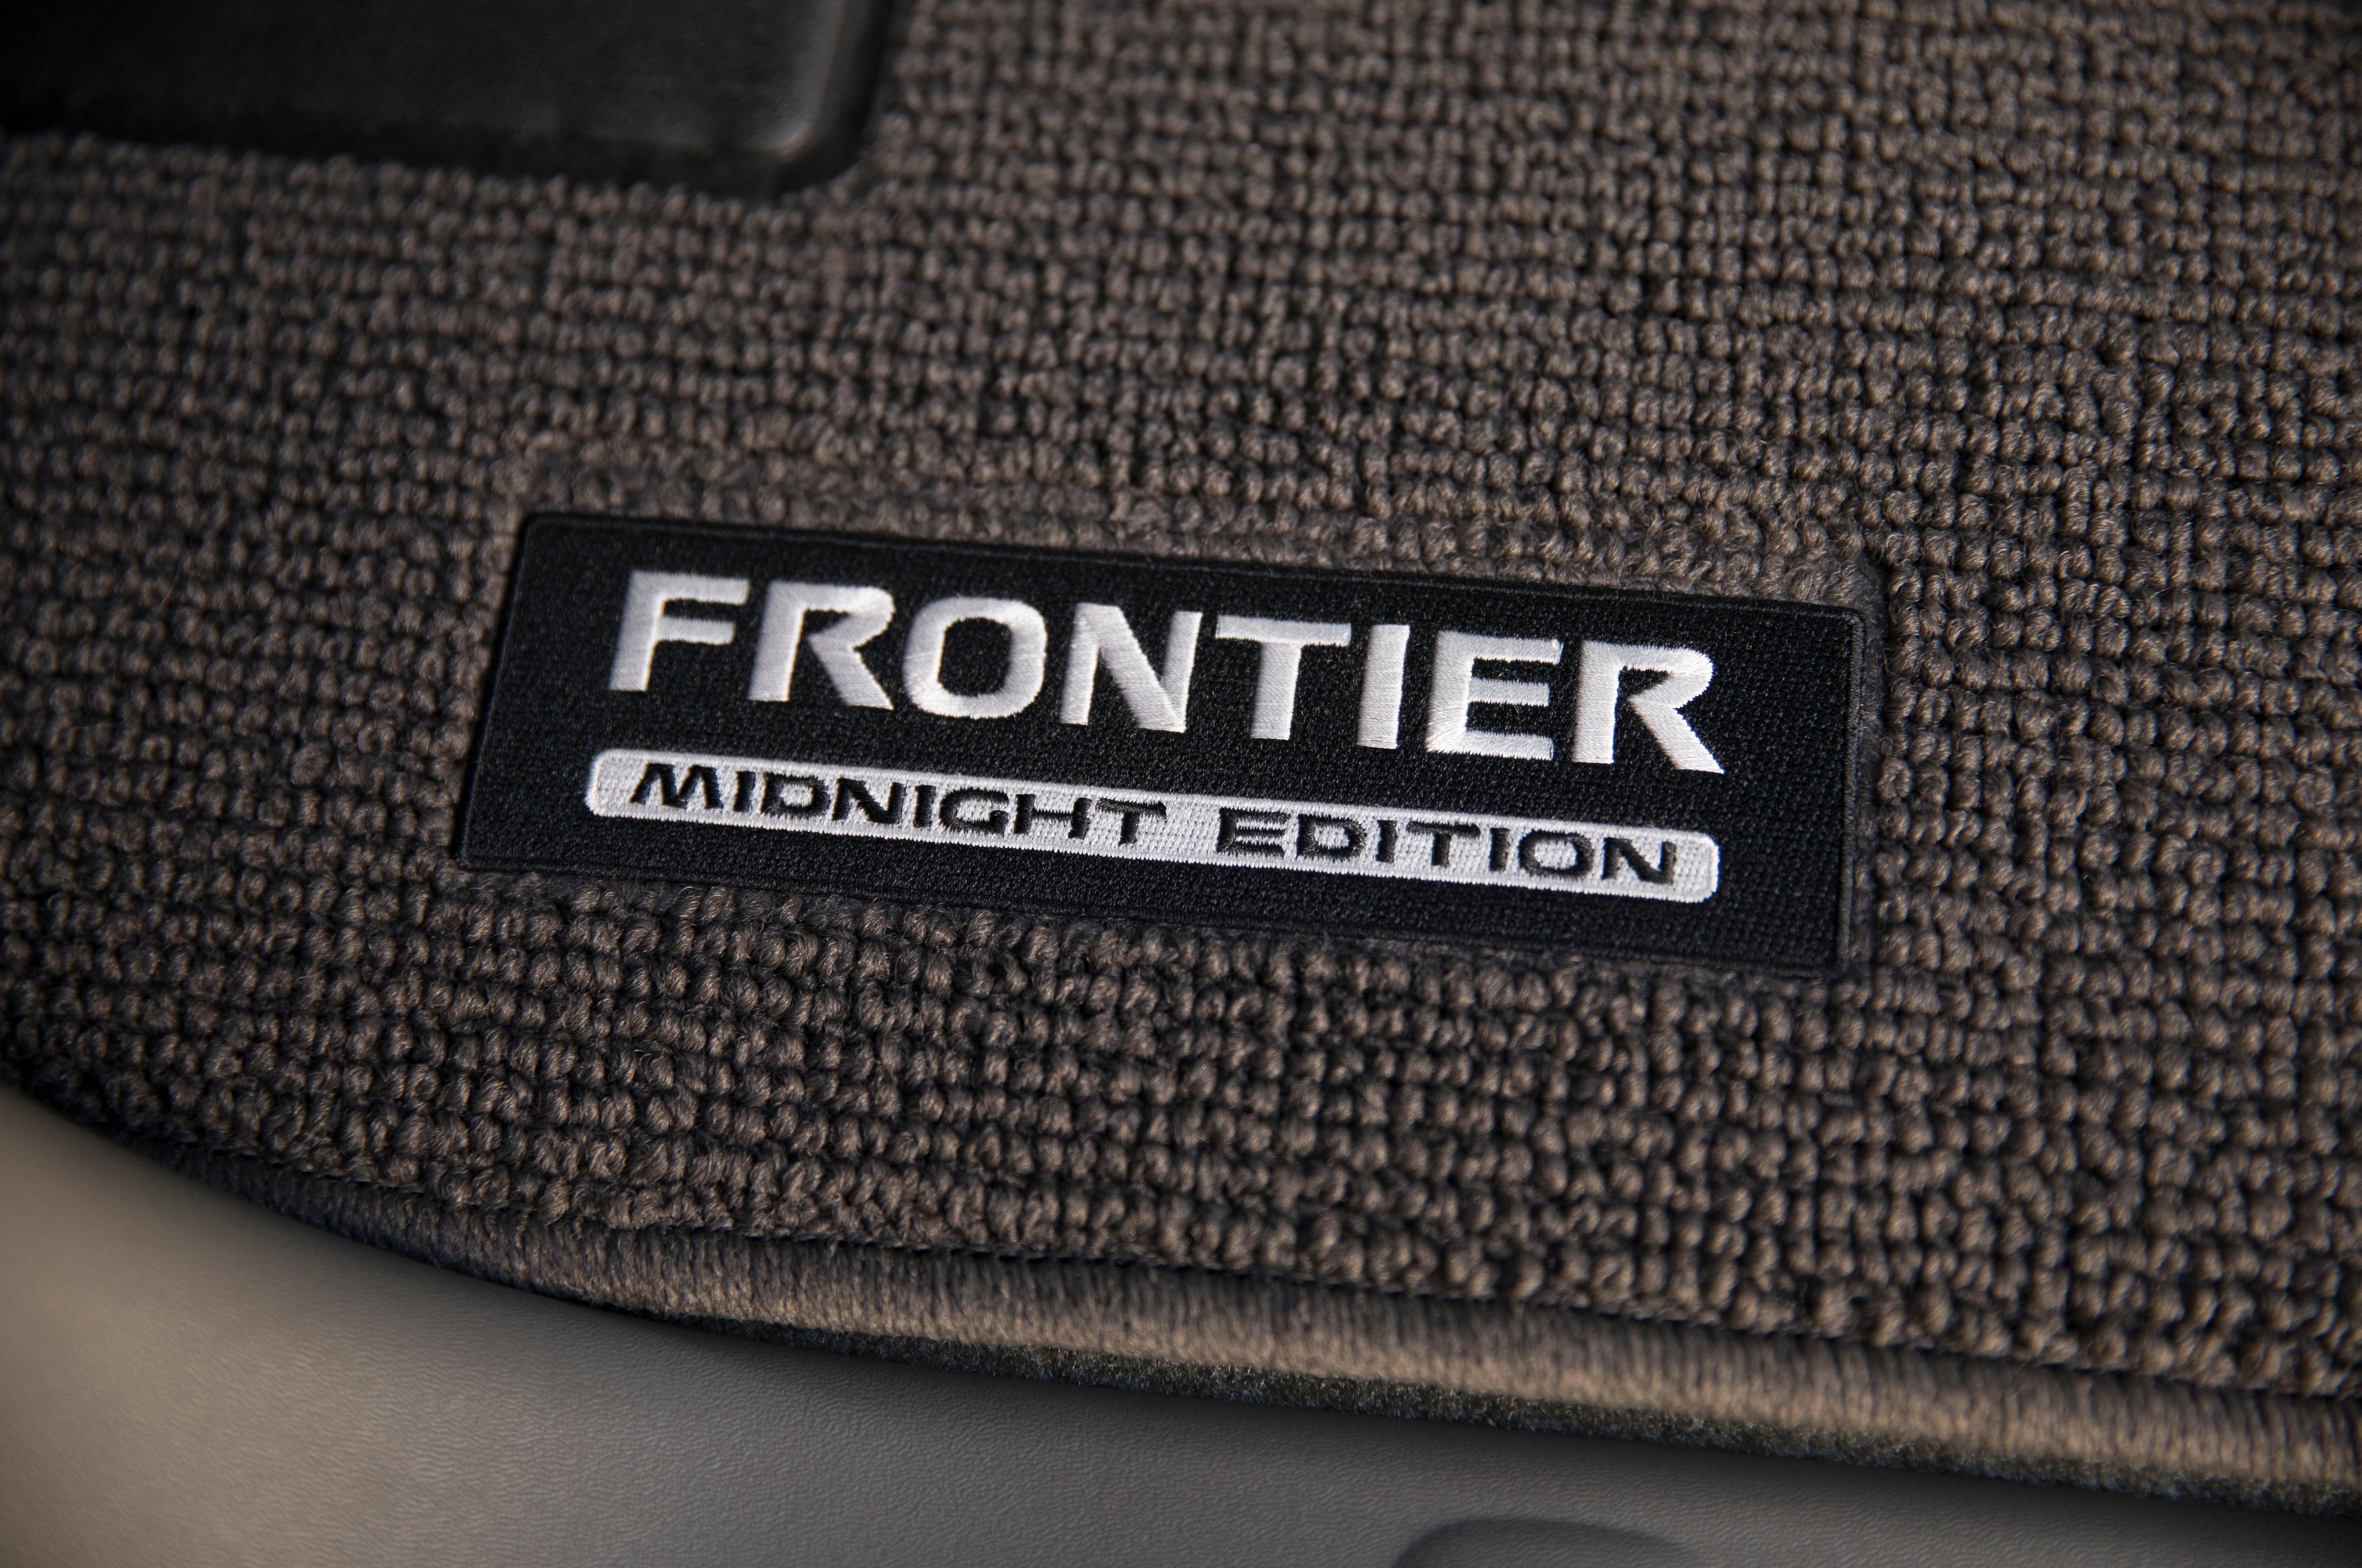 review floor frontier vehicle pa nissan mats montgomeryville philadelphia